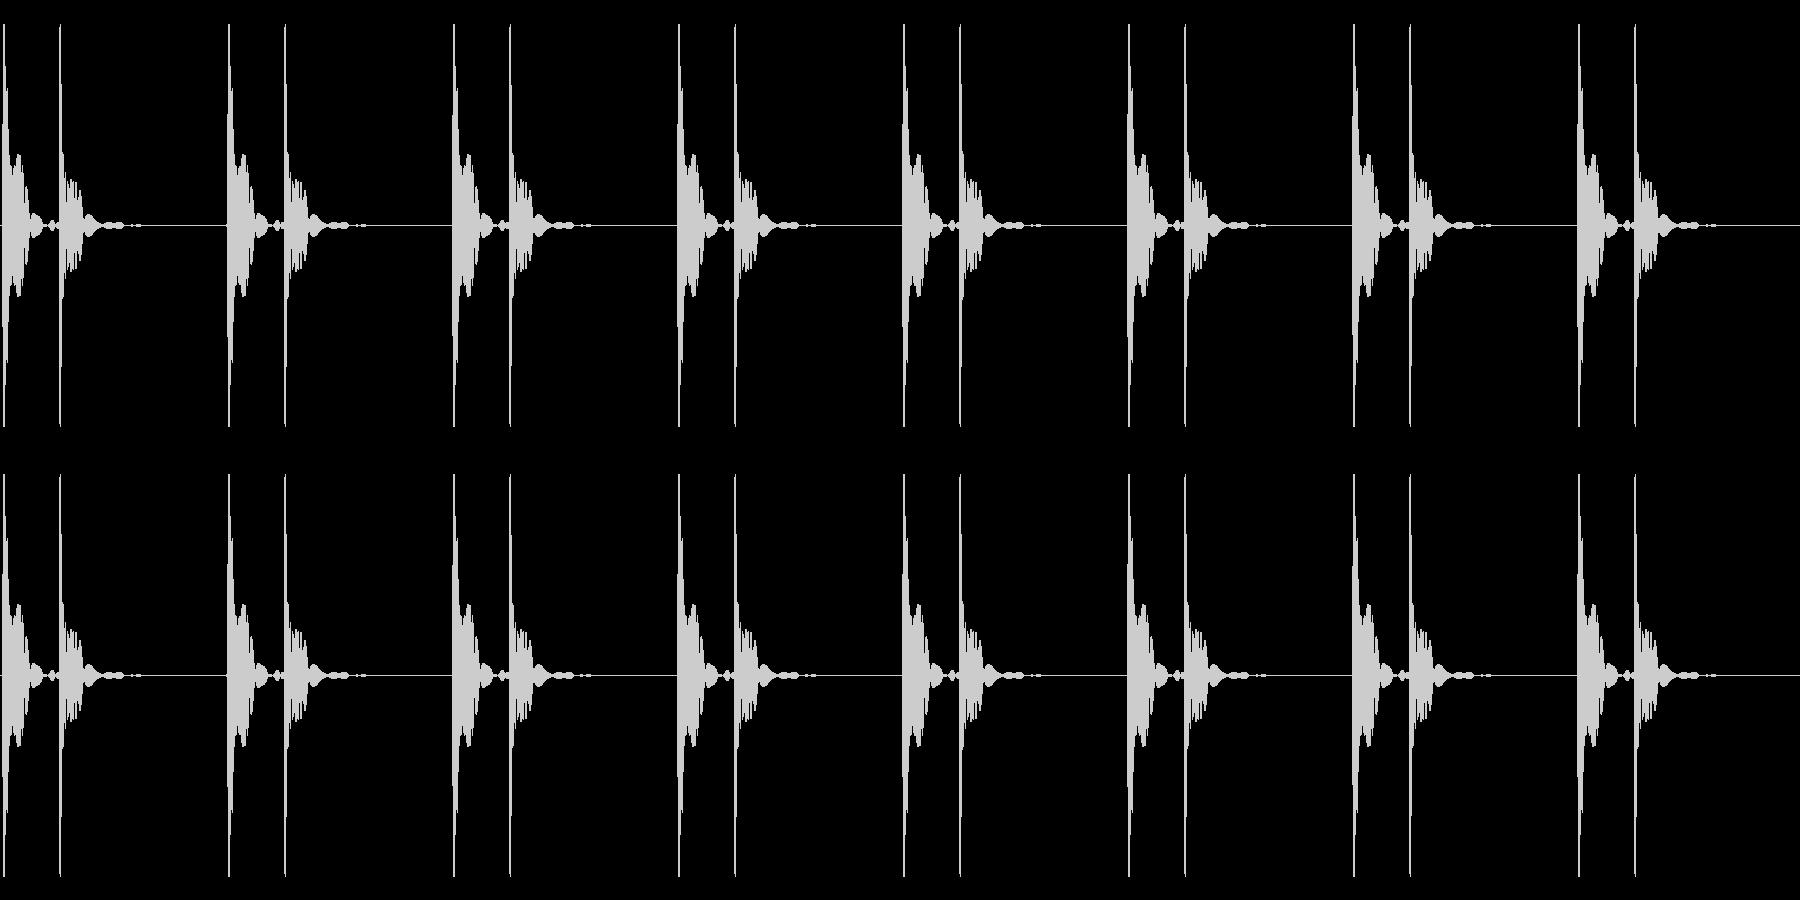 心臓の鼓動_下降_心拍数60の未再生の波形